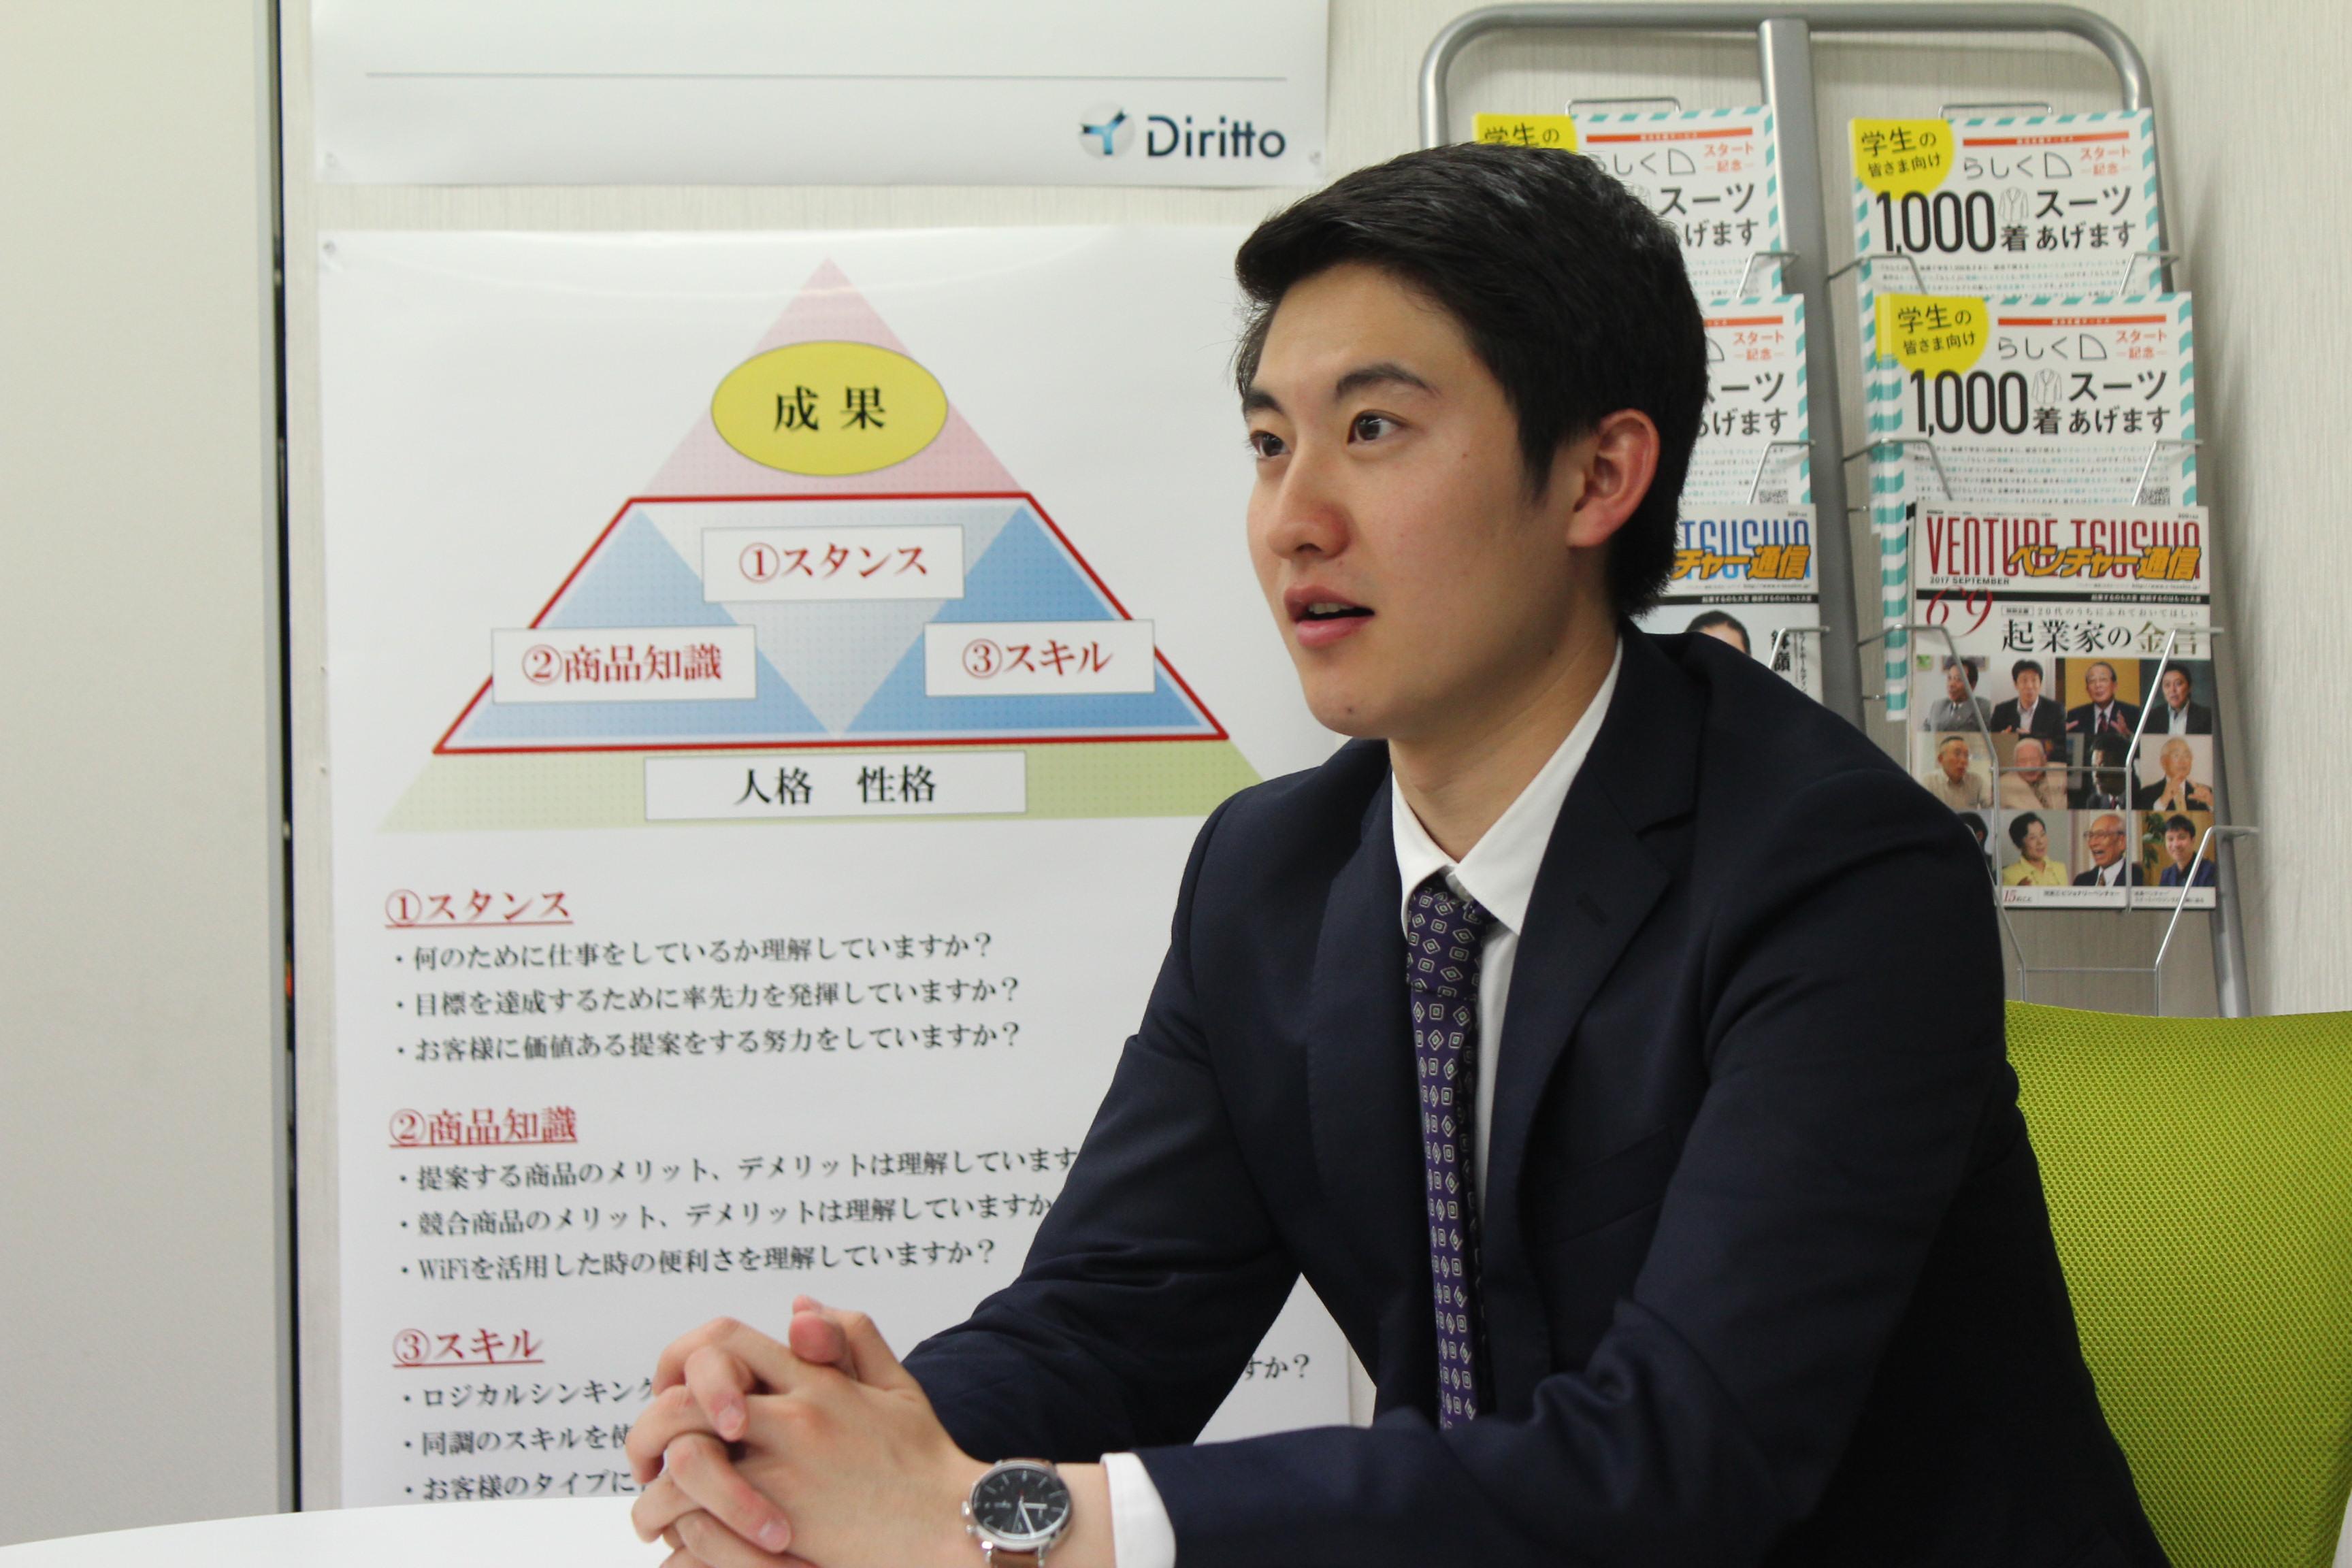 インターン生インタビュー1